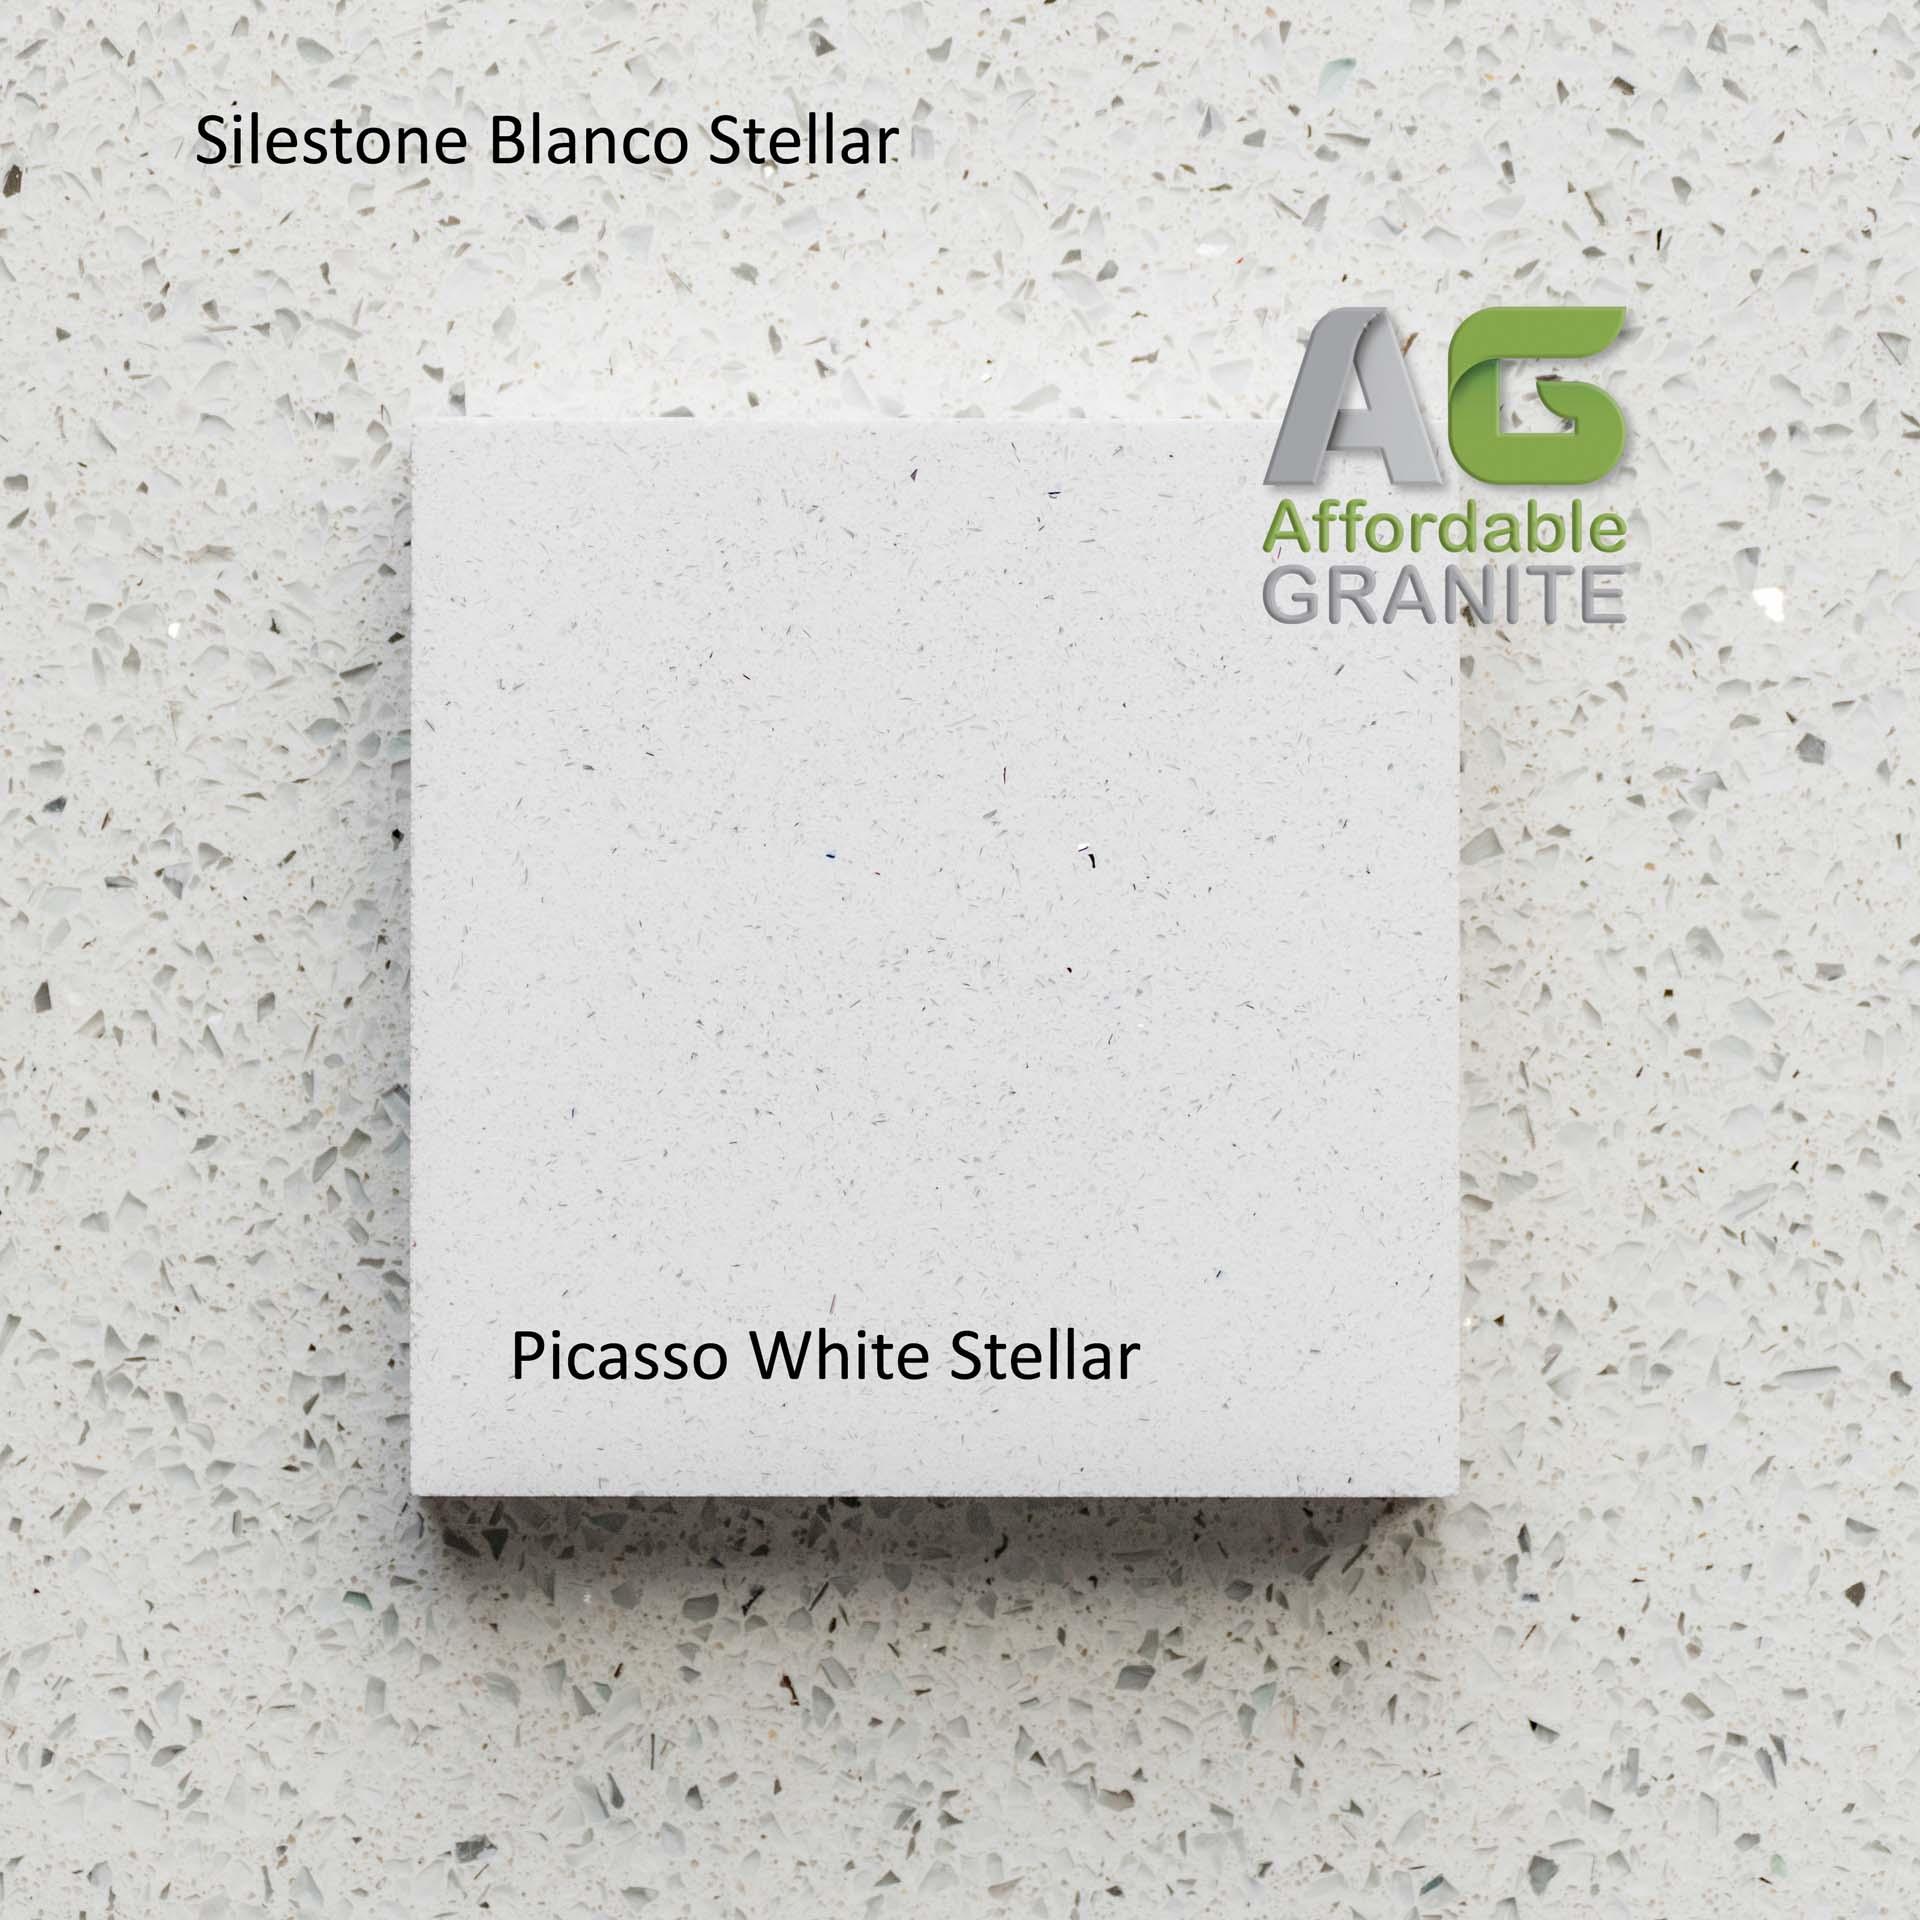 180201 Silestone Blanco Stellar Picasso White Stellar